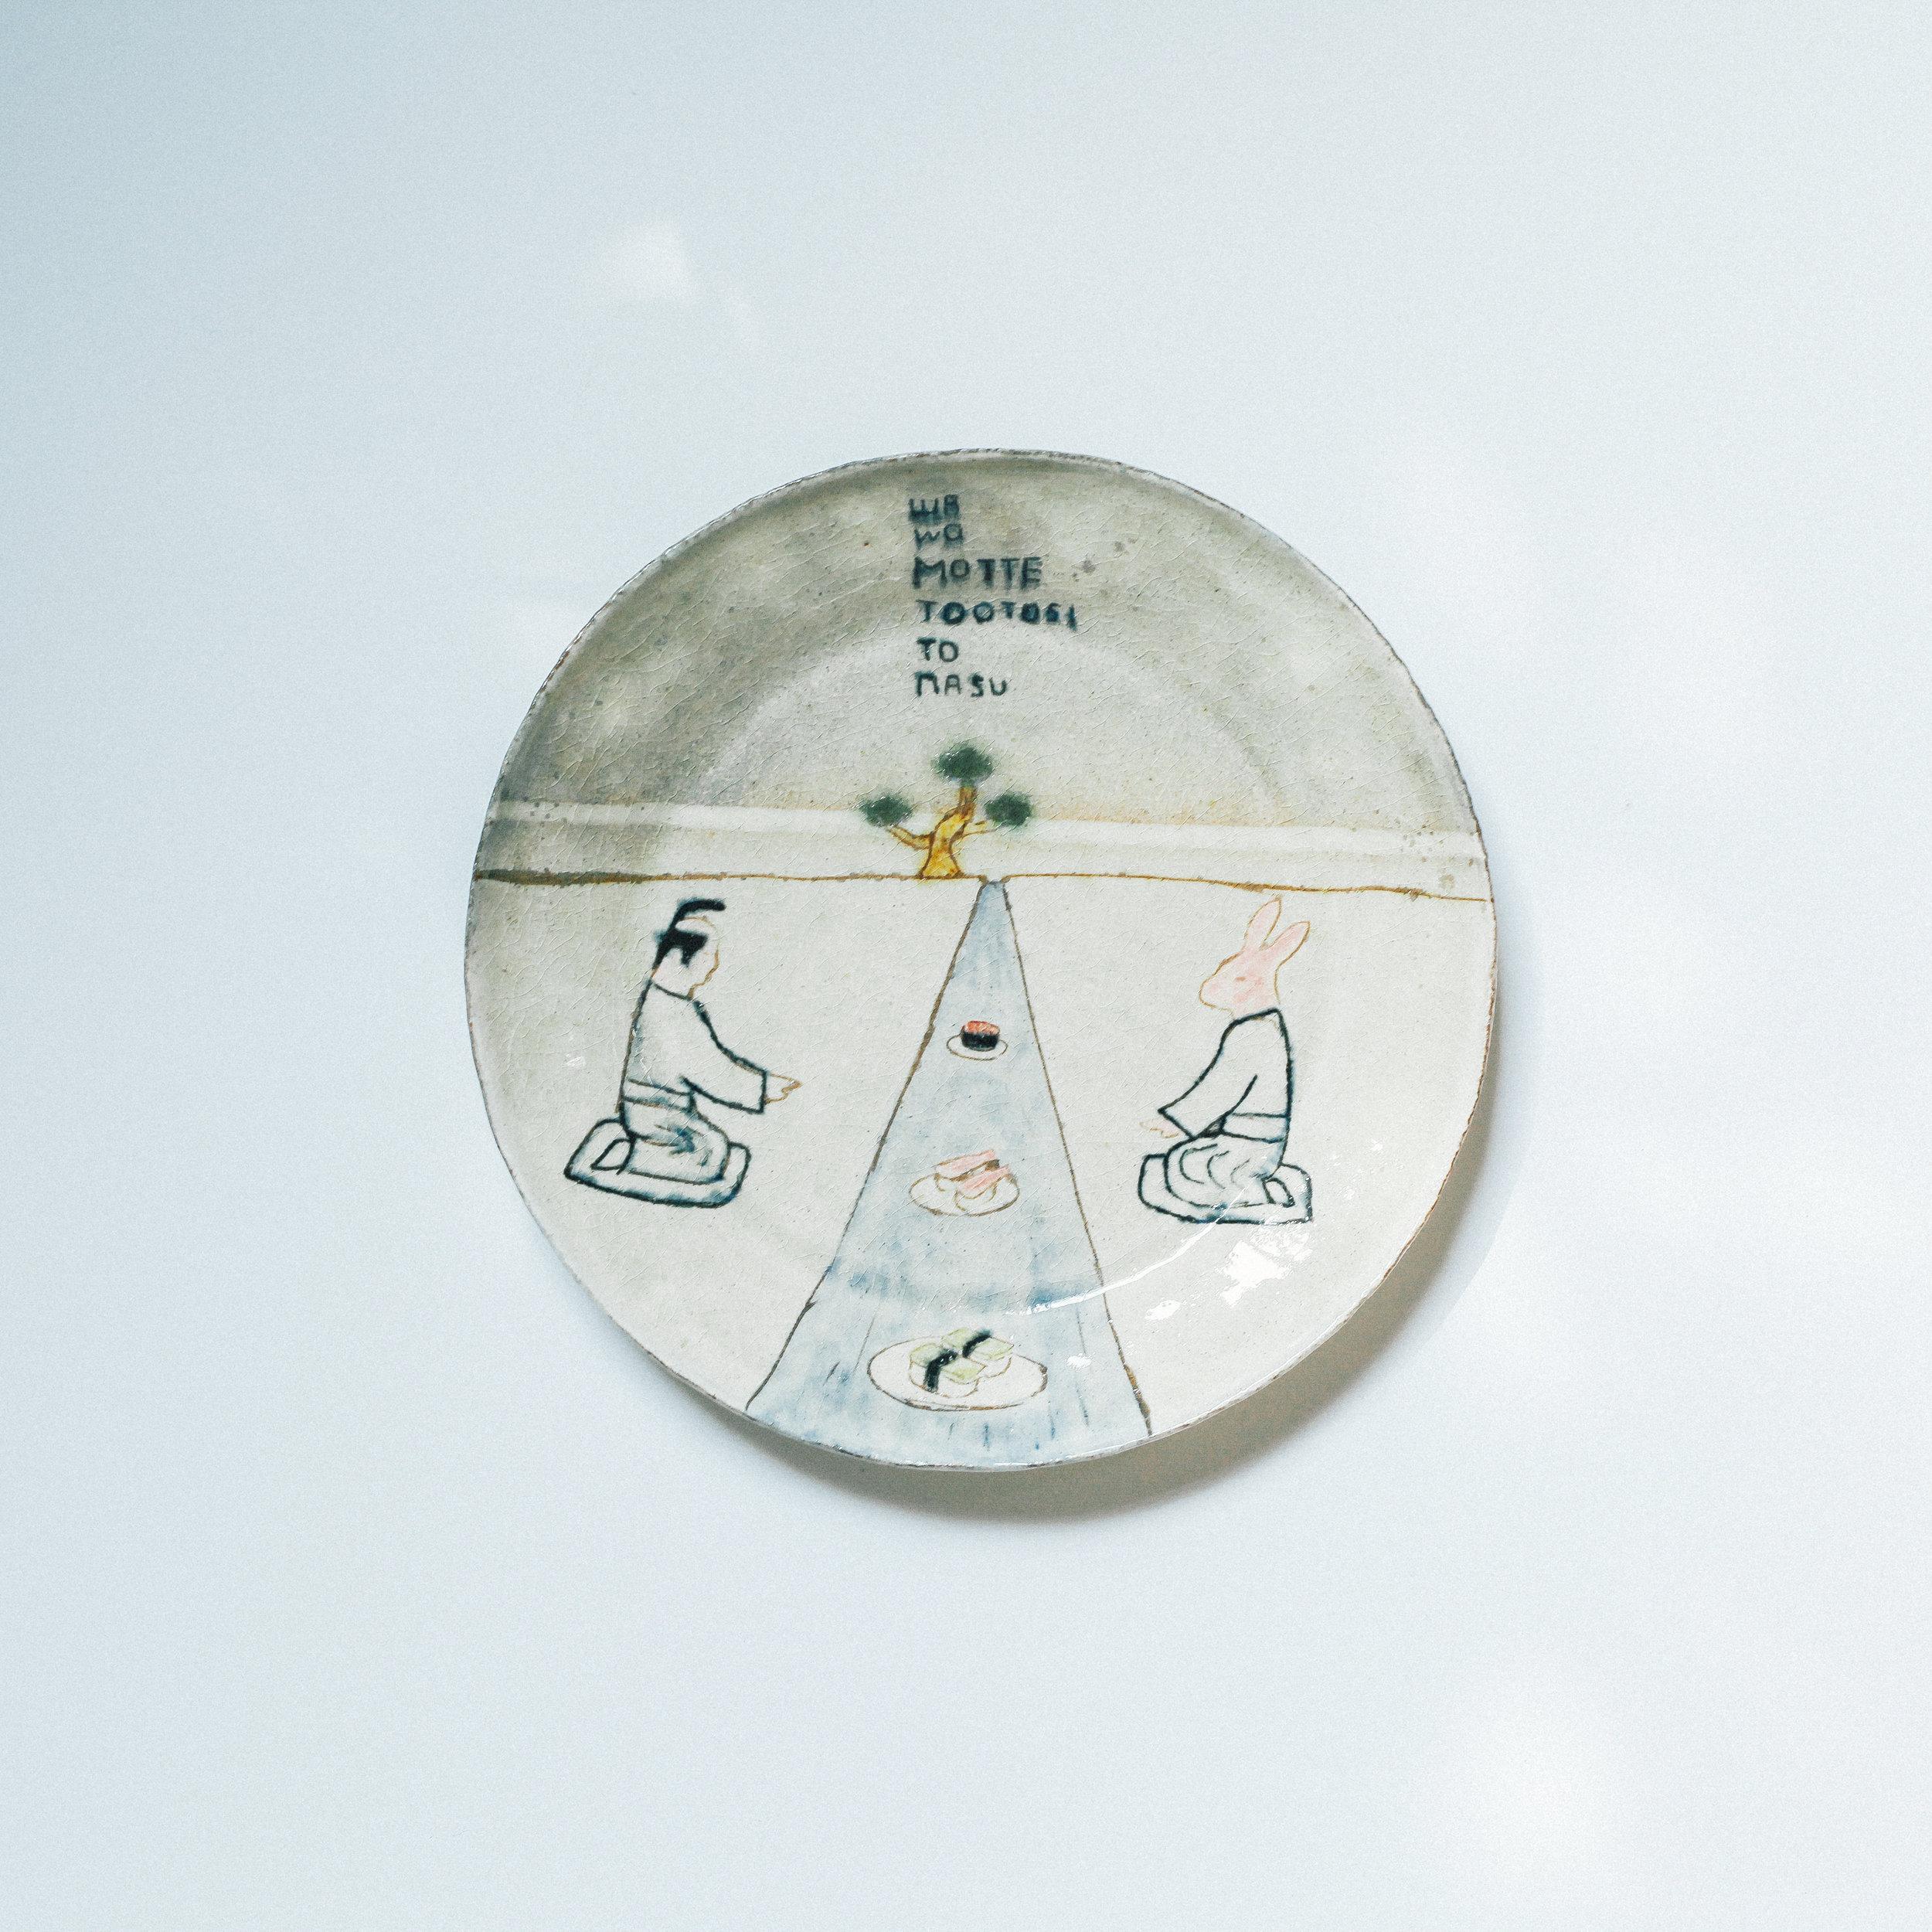 寺門広気展/2017.9.16−10.9